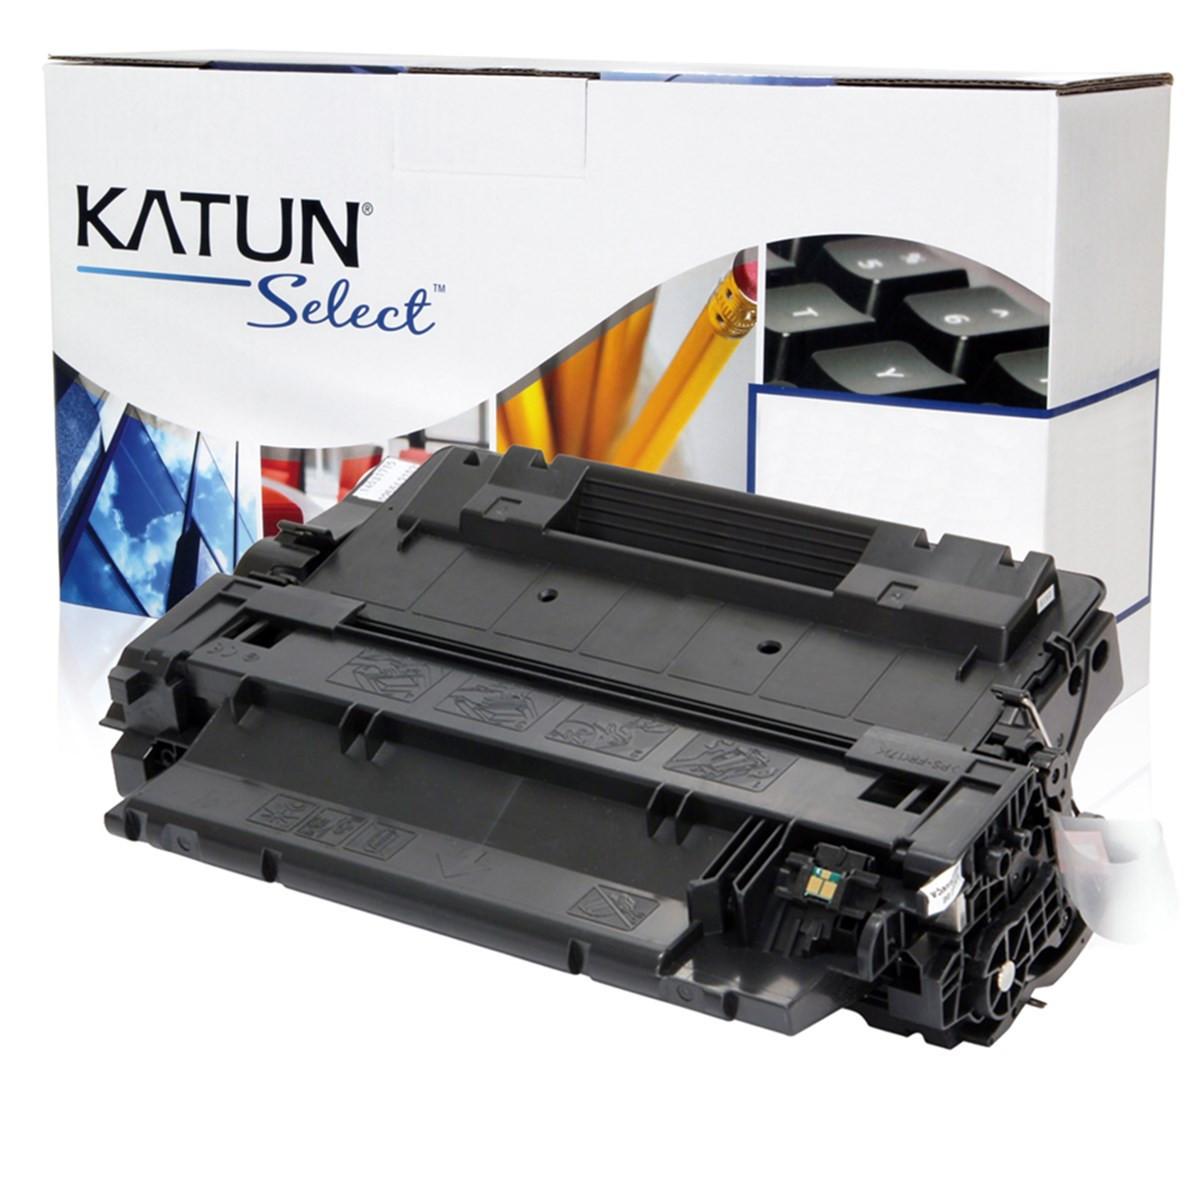 Toner Compatível com HP CE255A CE255AB | P3015 P3015DN P3016 Enterprise 500 M525F | Katun Select